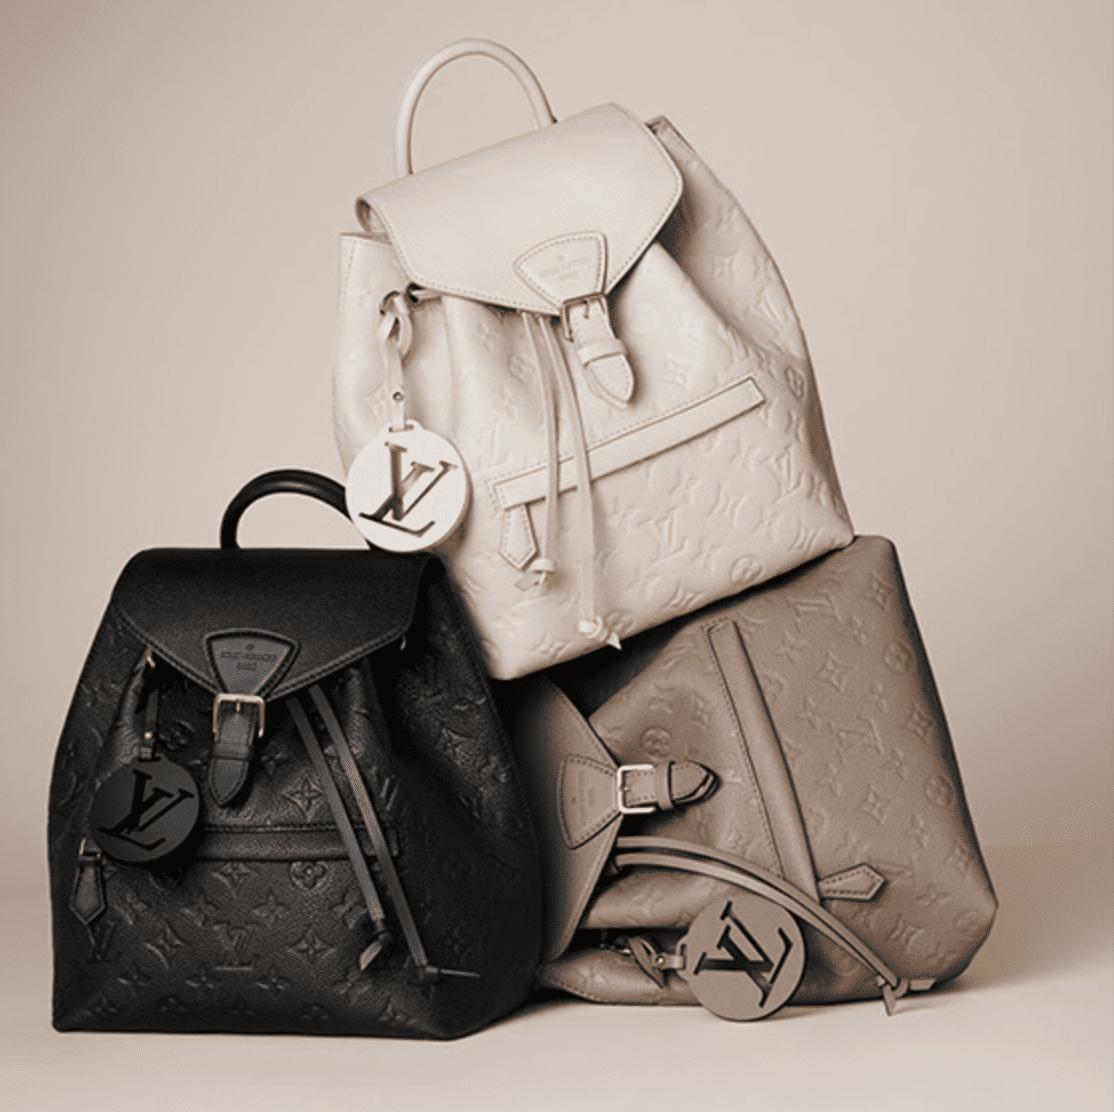 Louis Vuitton: Montsouris Backpack Digital Pre-Launch